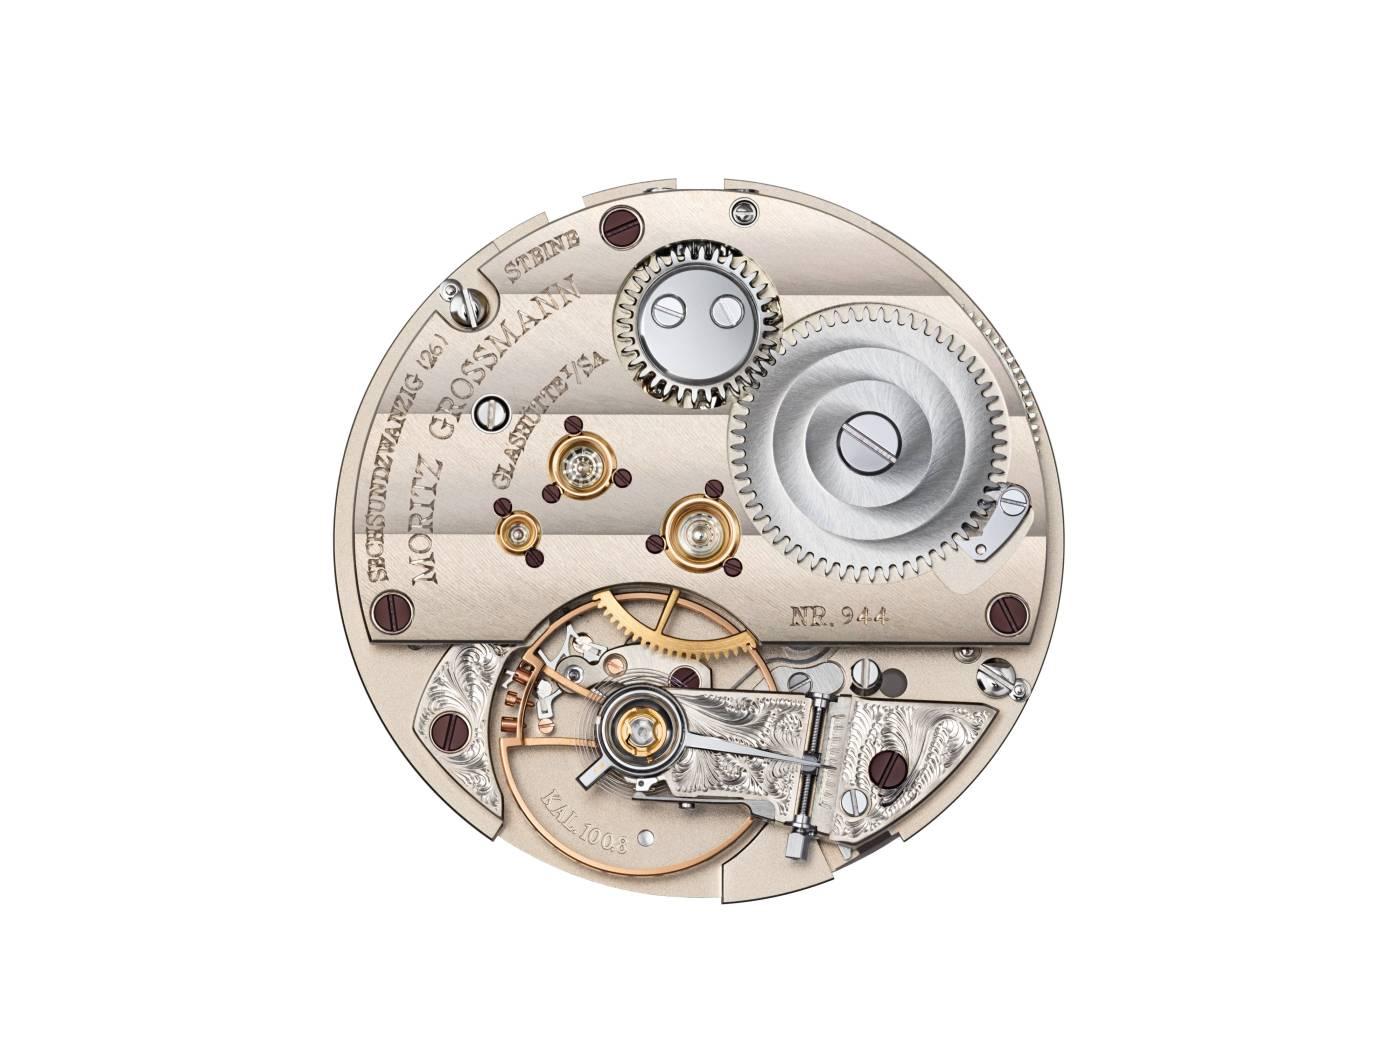 Moritz Grossmann Atum GMT caliber 100.8